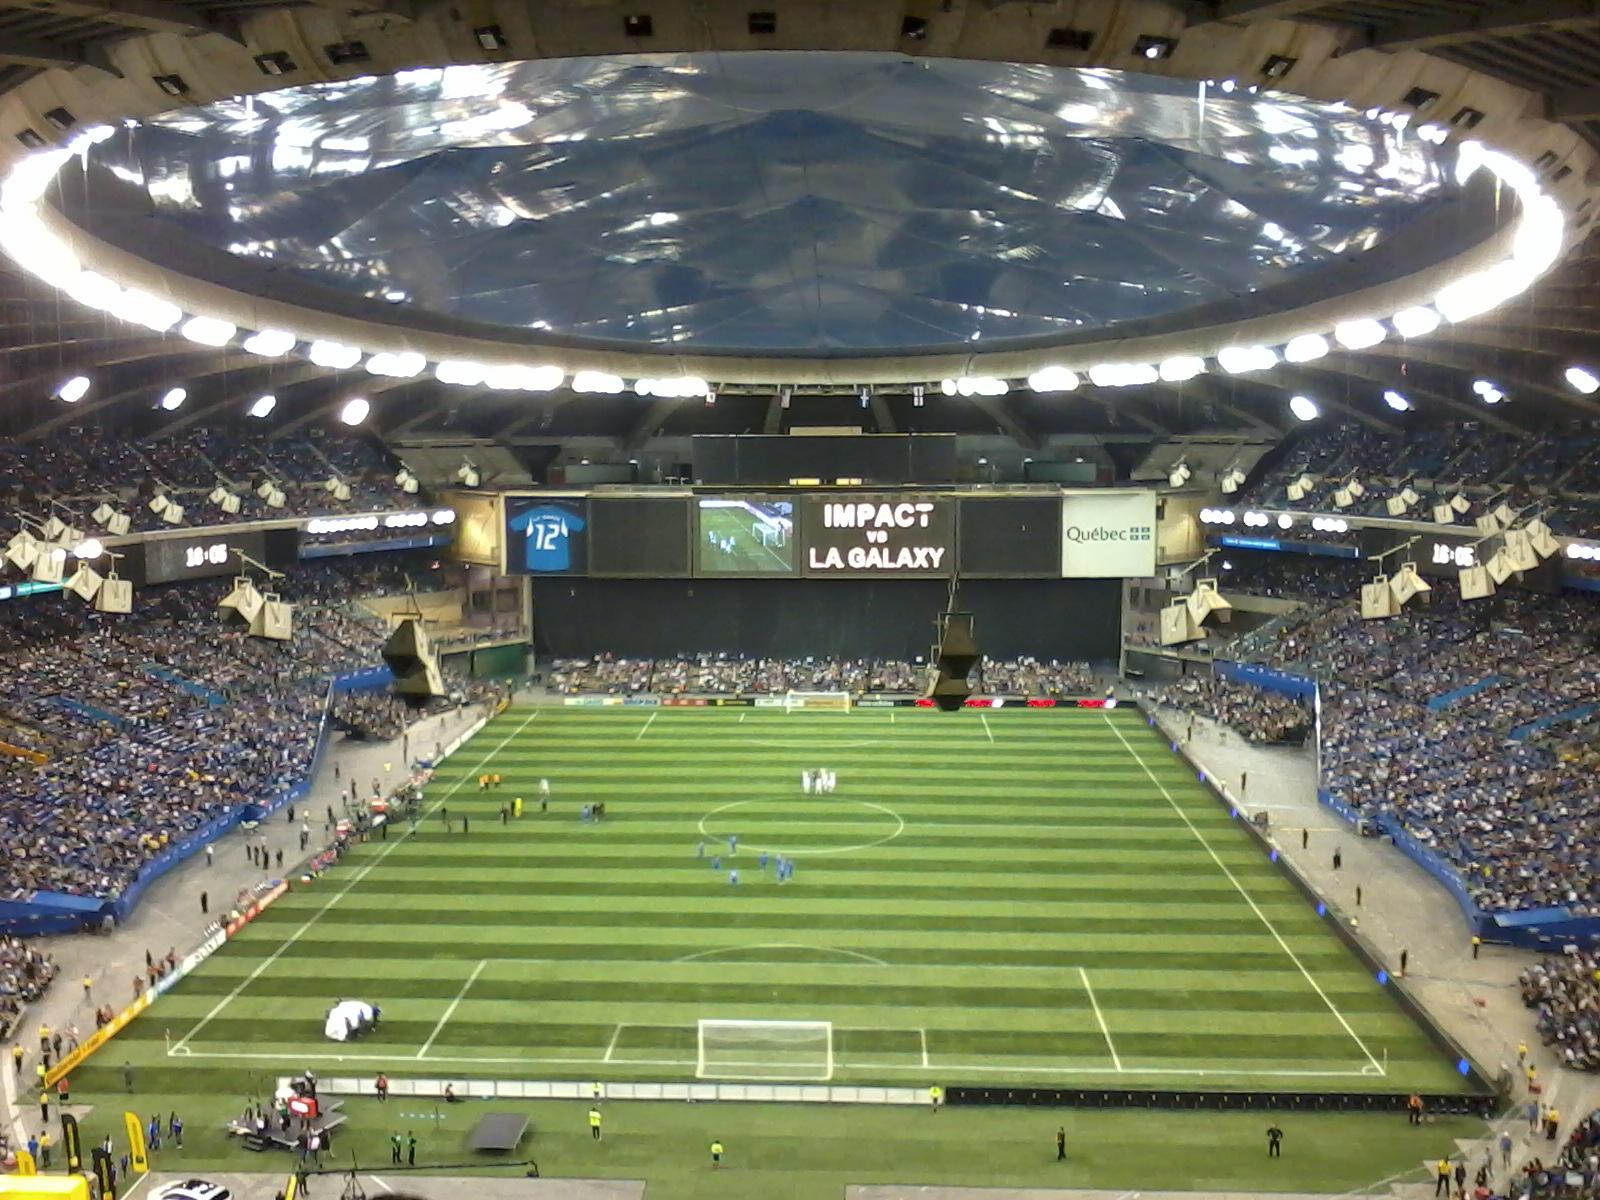 Le stade Olympique de Montréal: un site touristique à ne pas manquer